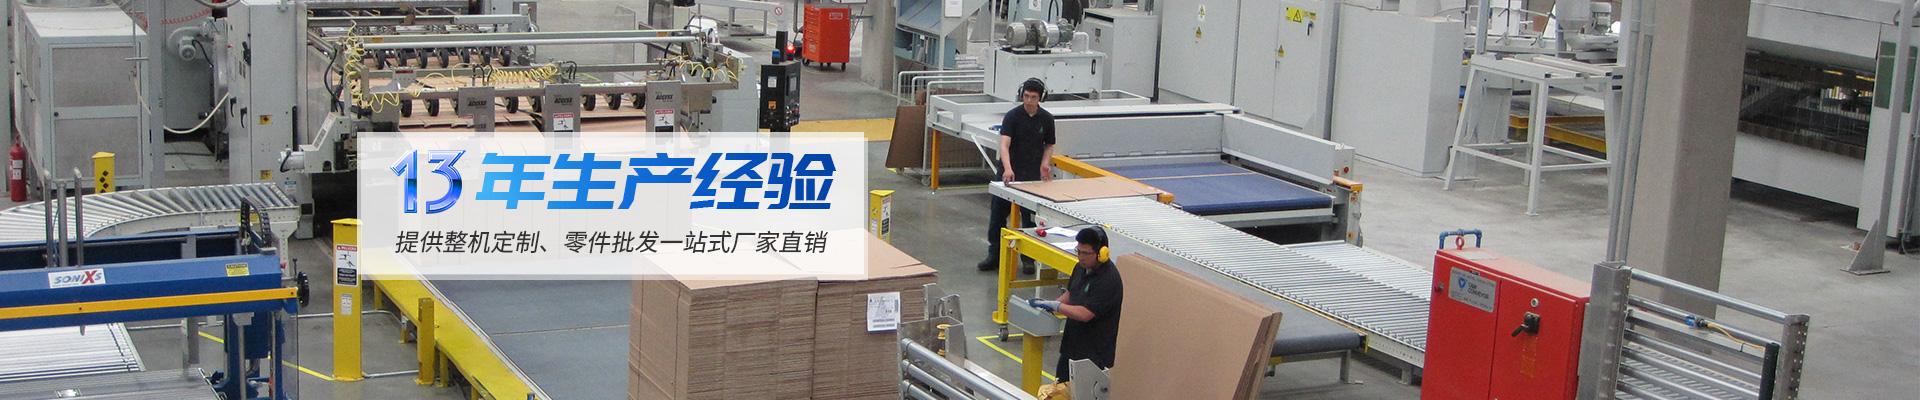 金泰13年生产经验 提供整机定制、零件批发一站式厂家直销